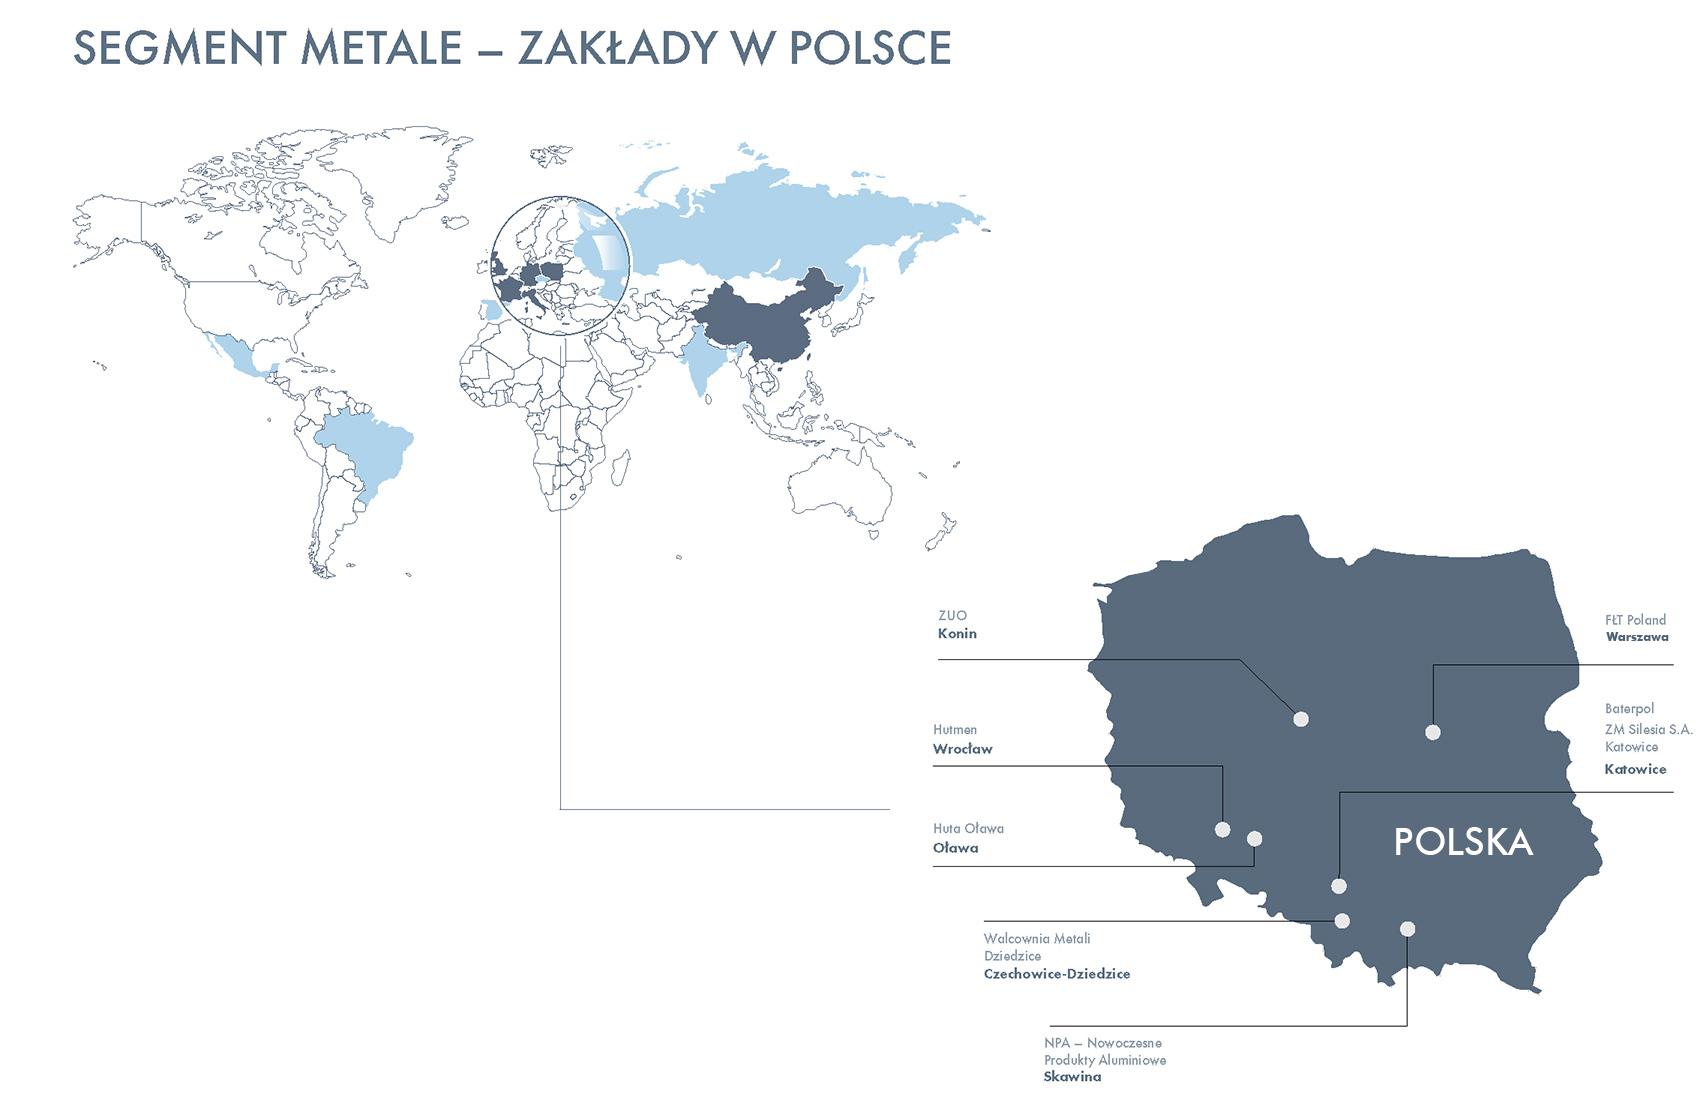 metale_zakłady w polsce_pl